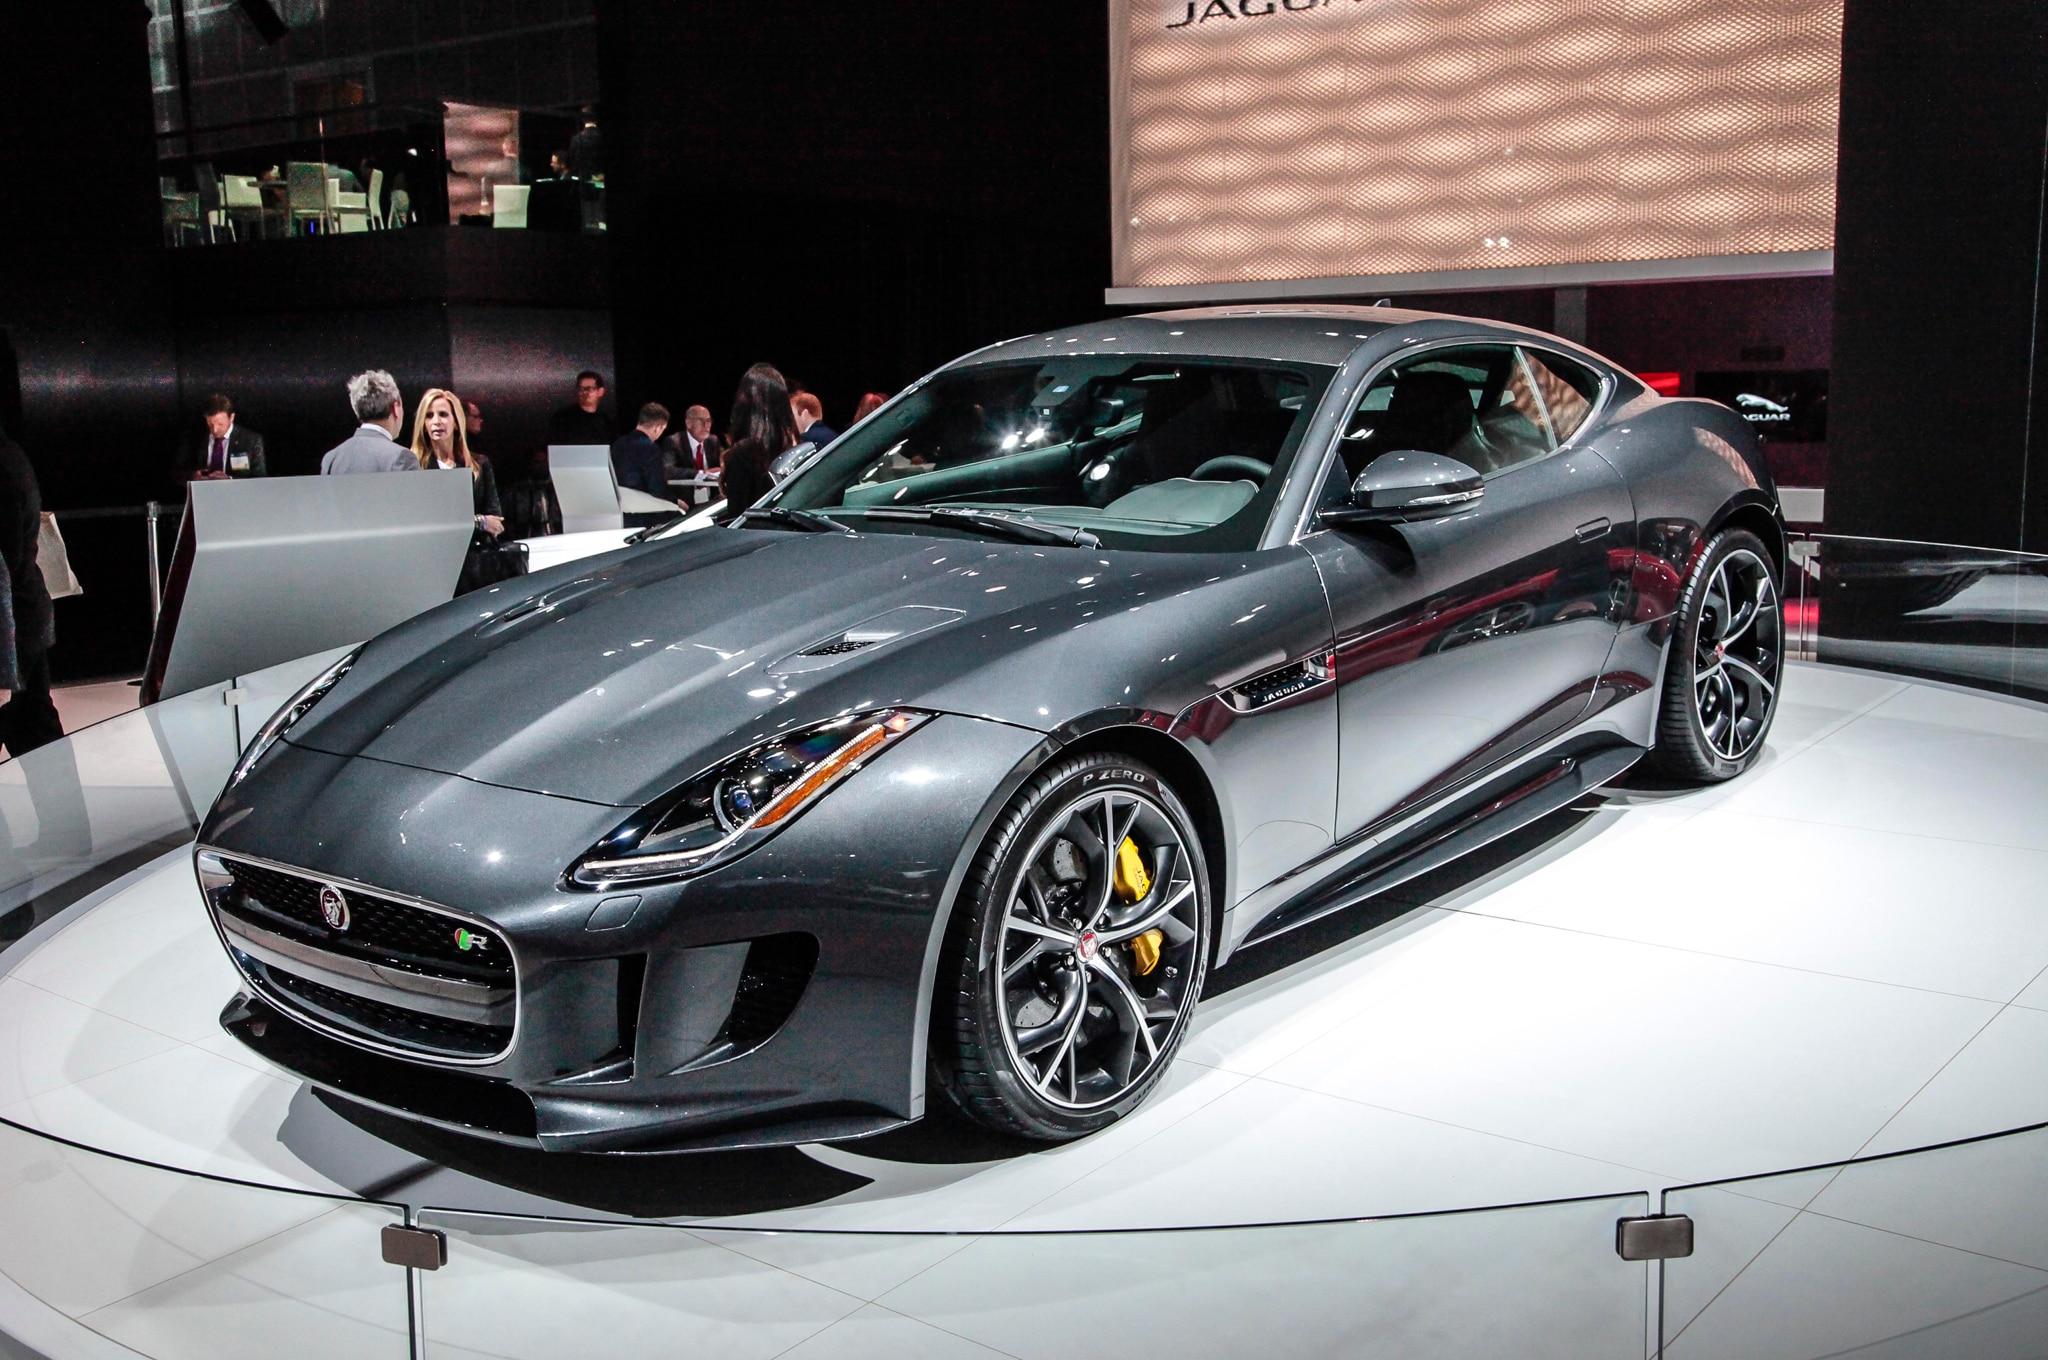 2016 jaguar f type adds manual transmission awd. Black Bedroom Furniture Sets. Home Design Ideas